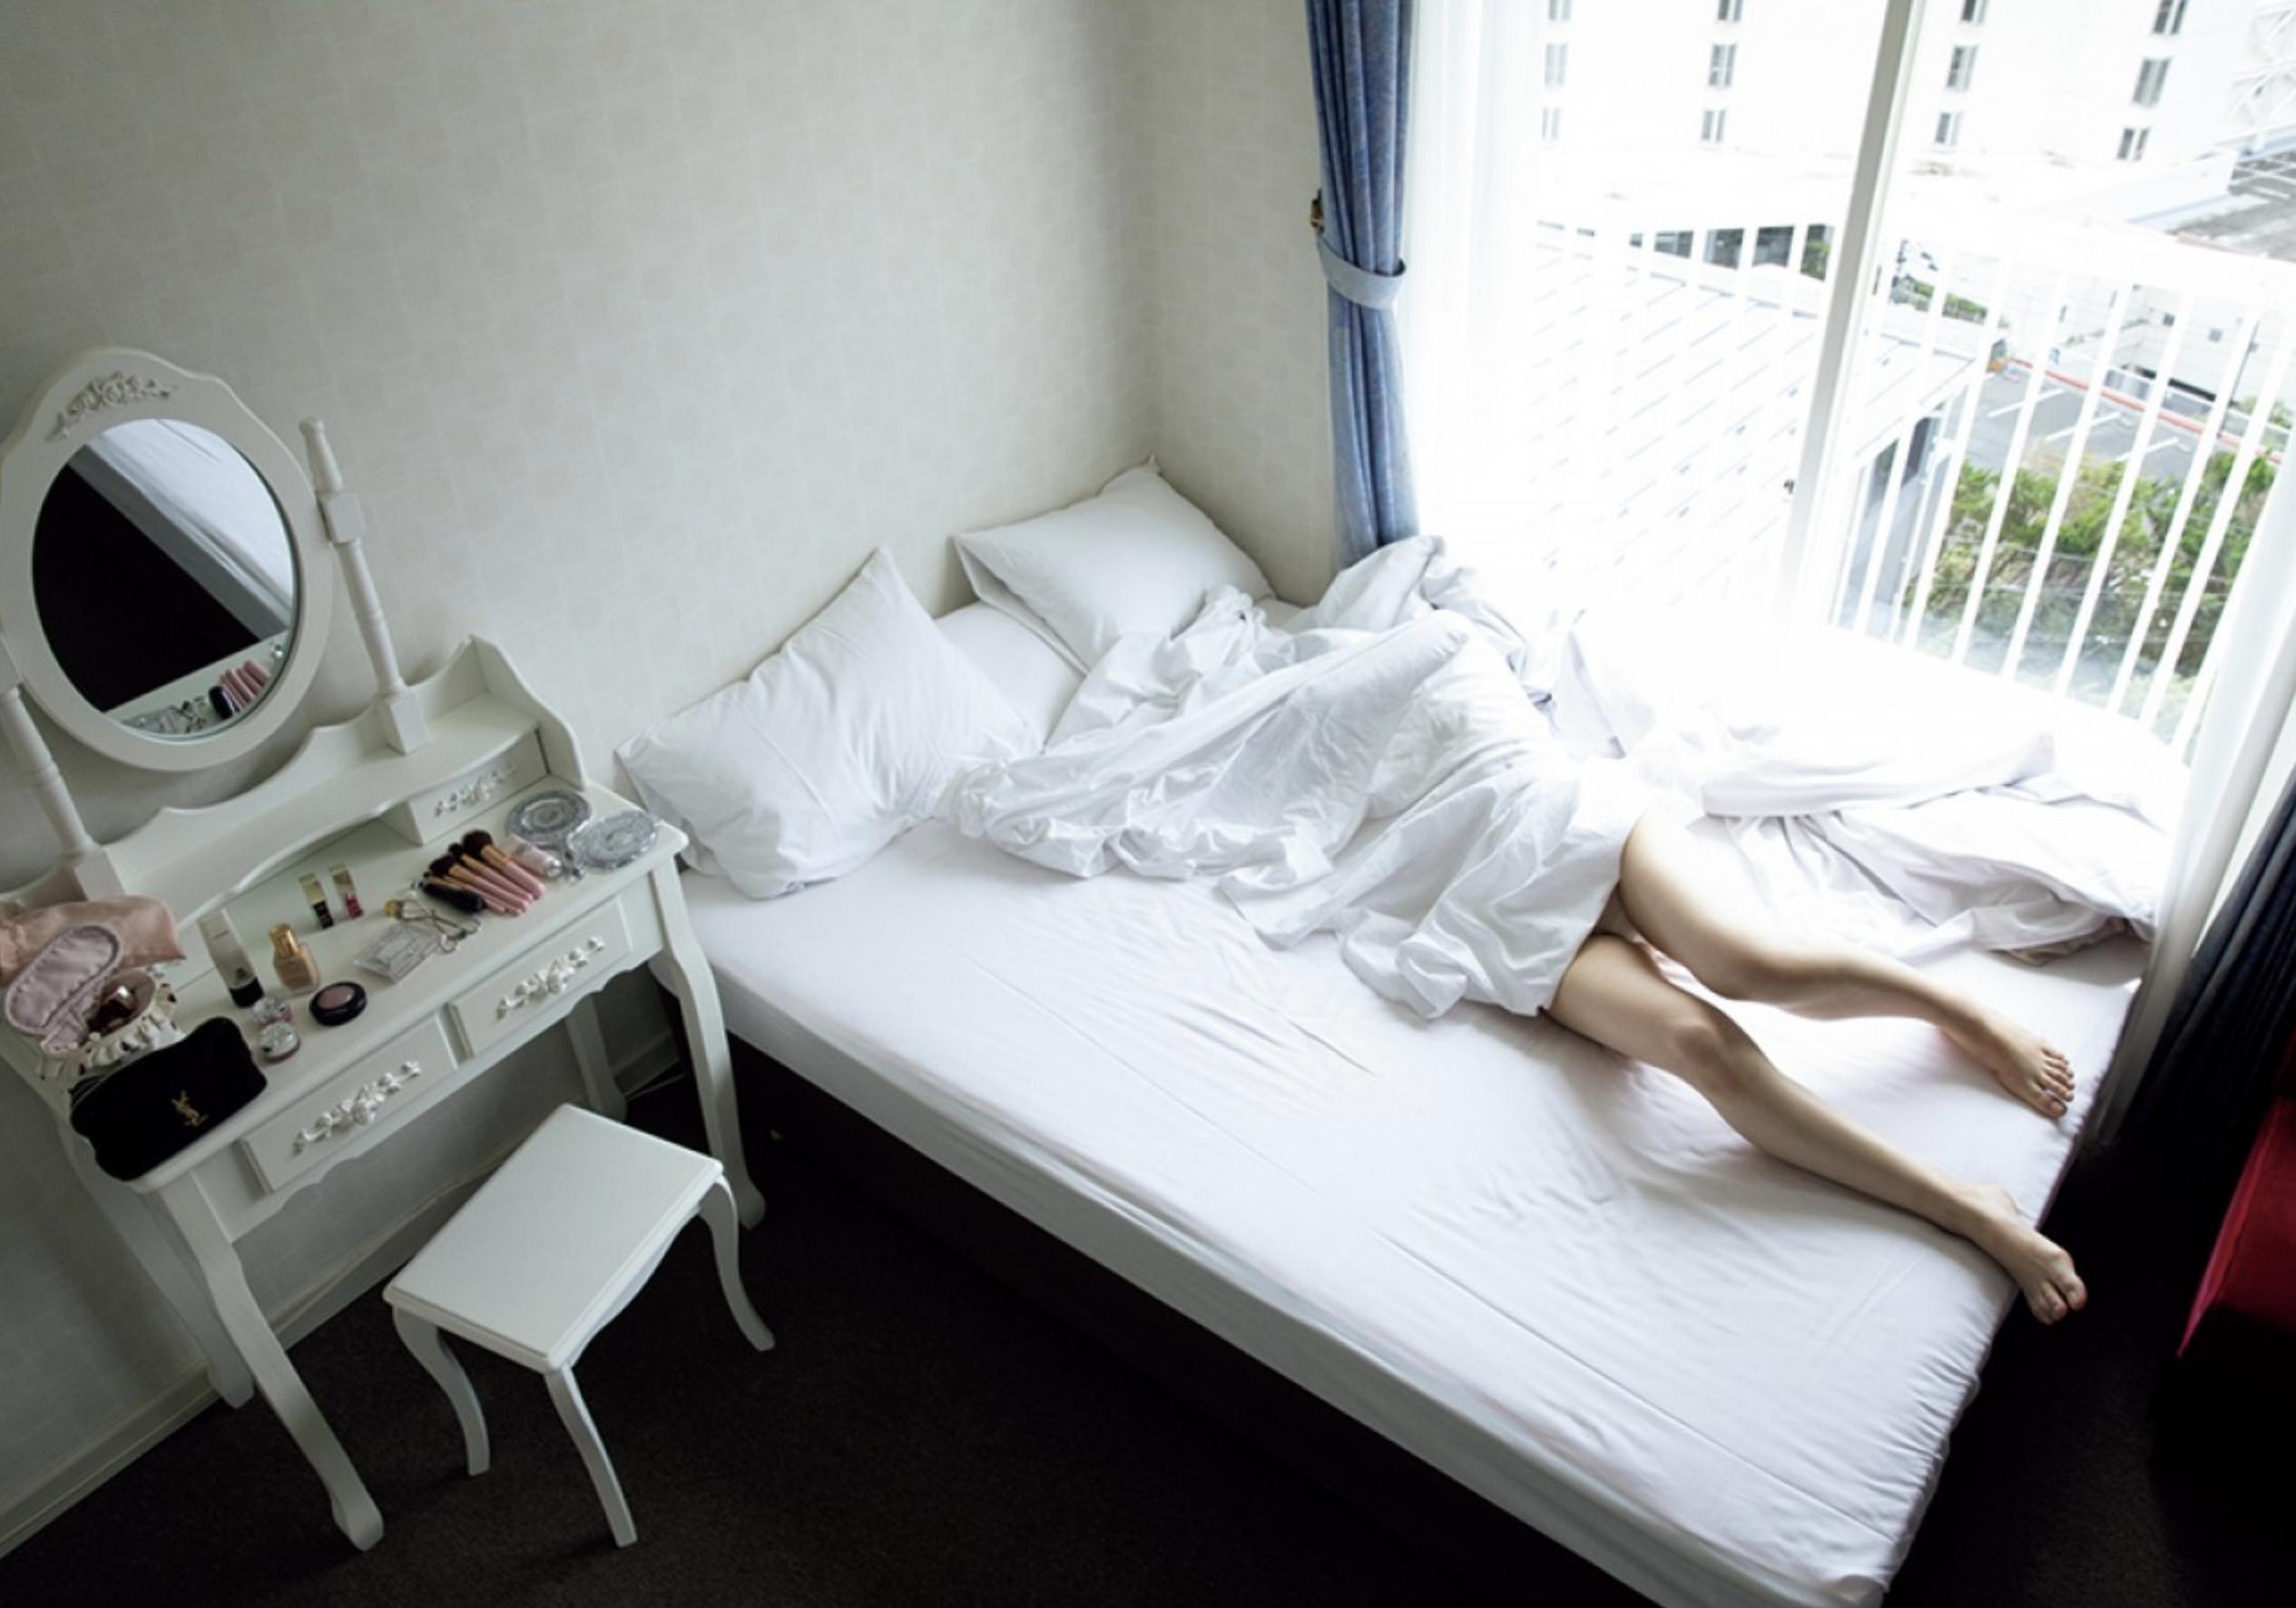 和田瞳 / 突如舞い降りた「ハダカの天使」初公開  完全フルヌード!!画像 010